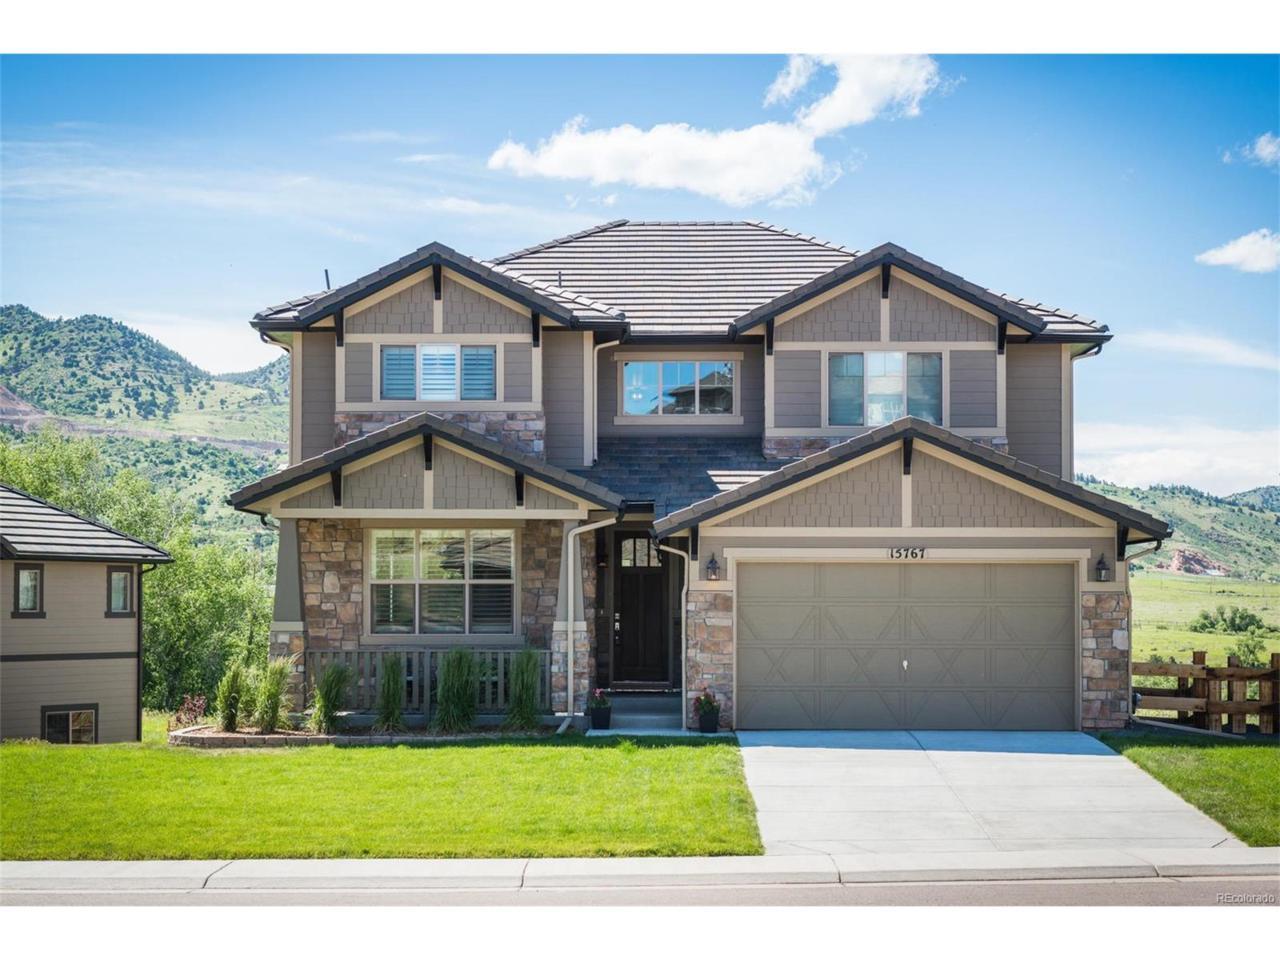 15767 Weaver Gulch Drive, Morrison, CO 80465 (MLS #8762383) :: 8z Real Estate